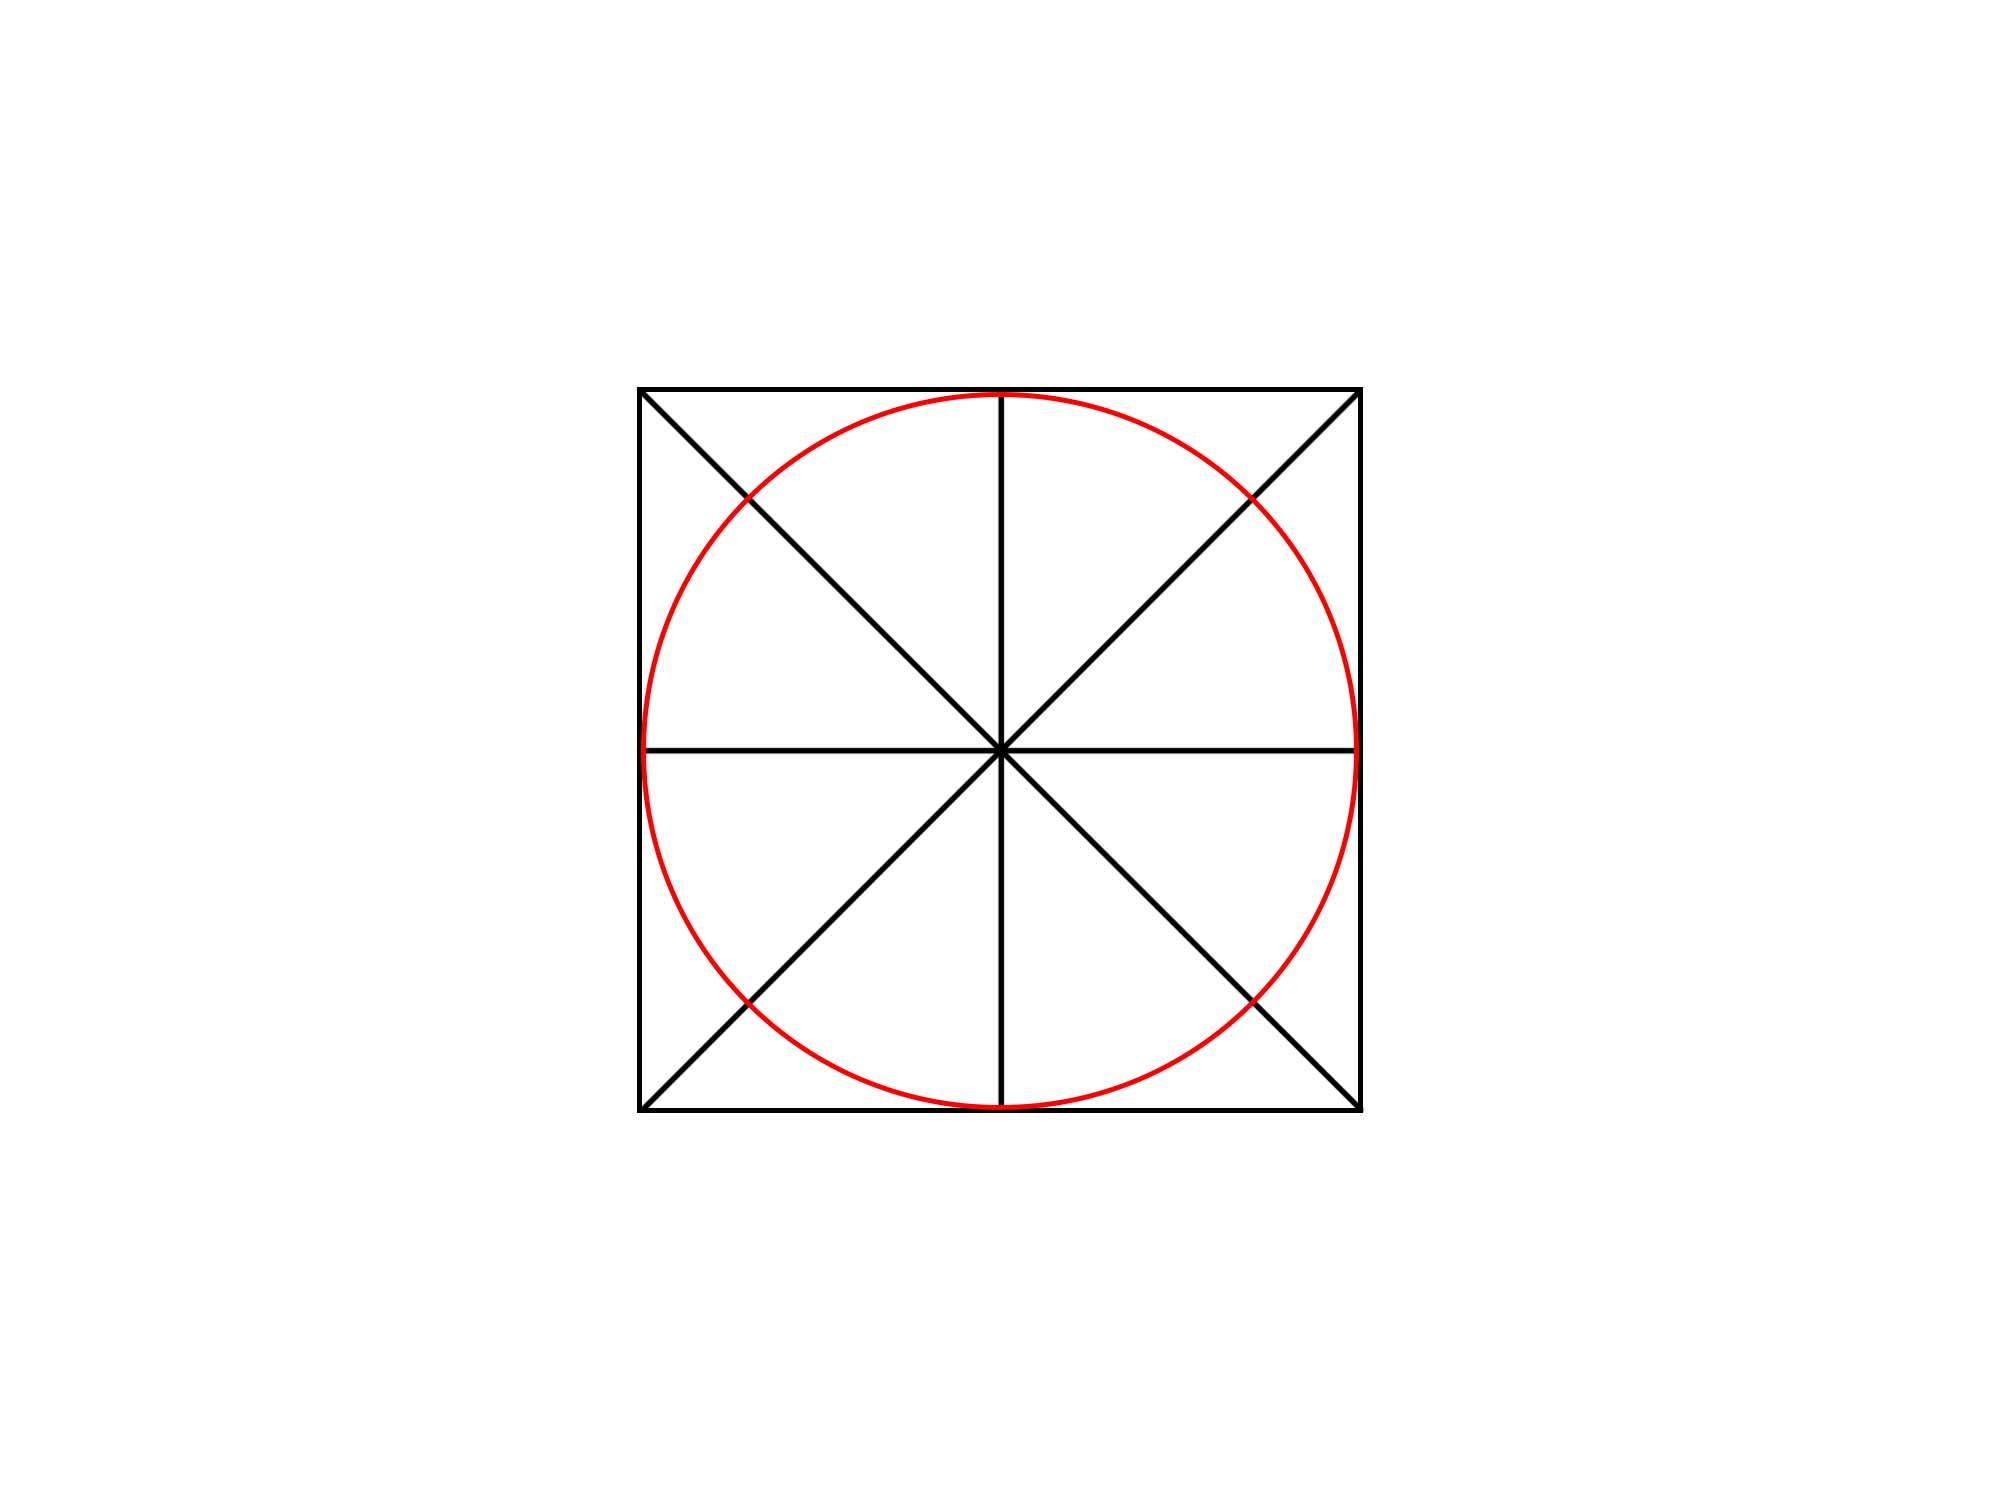 正方形に円を描く③